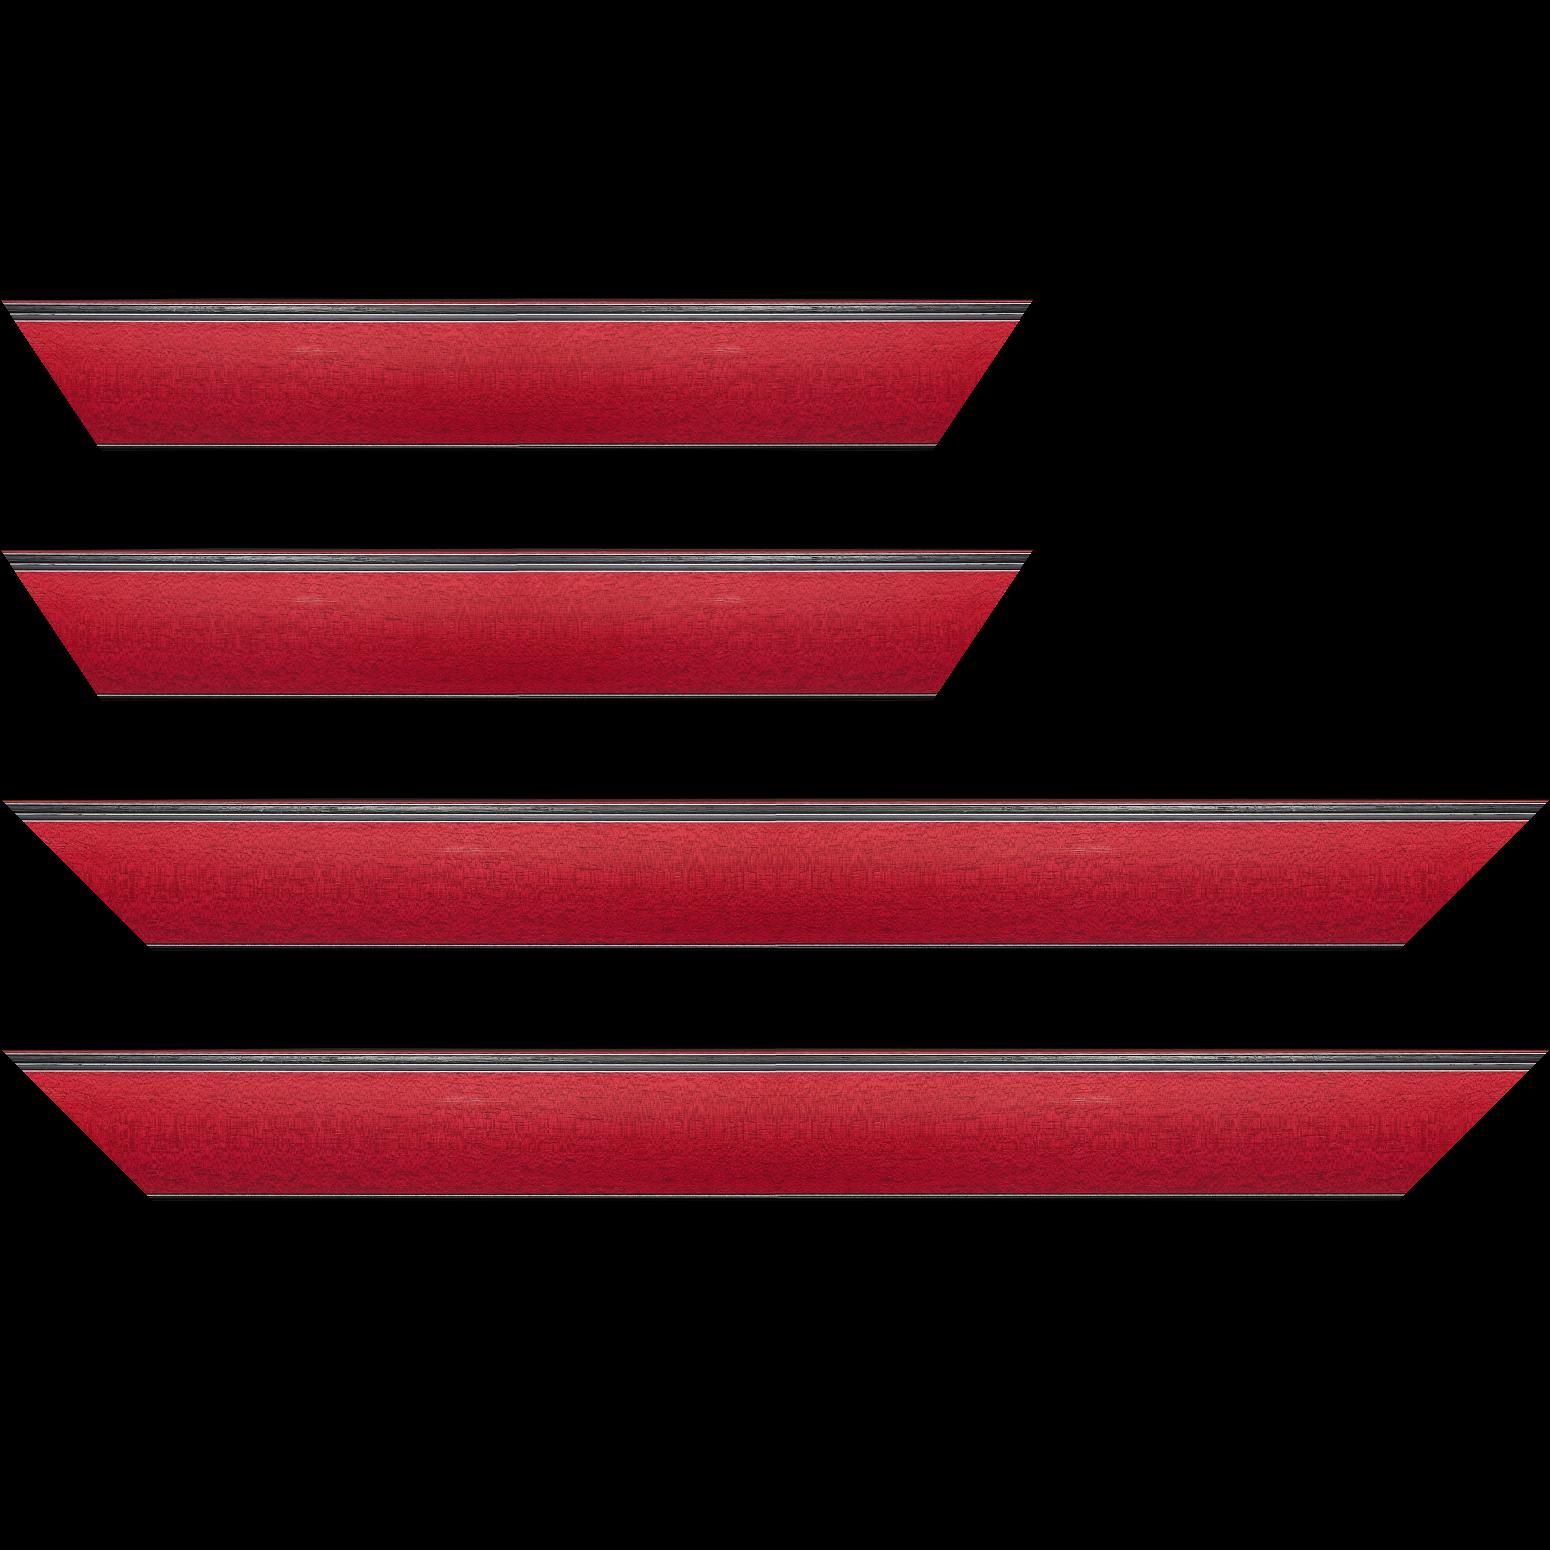 Baguette service précoupé Bois profil en pente méplat largeur 4.8cm couleur rouge cerise satiné surligné par une gorge extérieure noire : originalité et élégance assurée